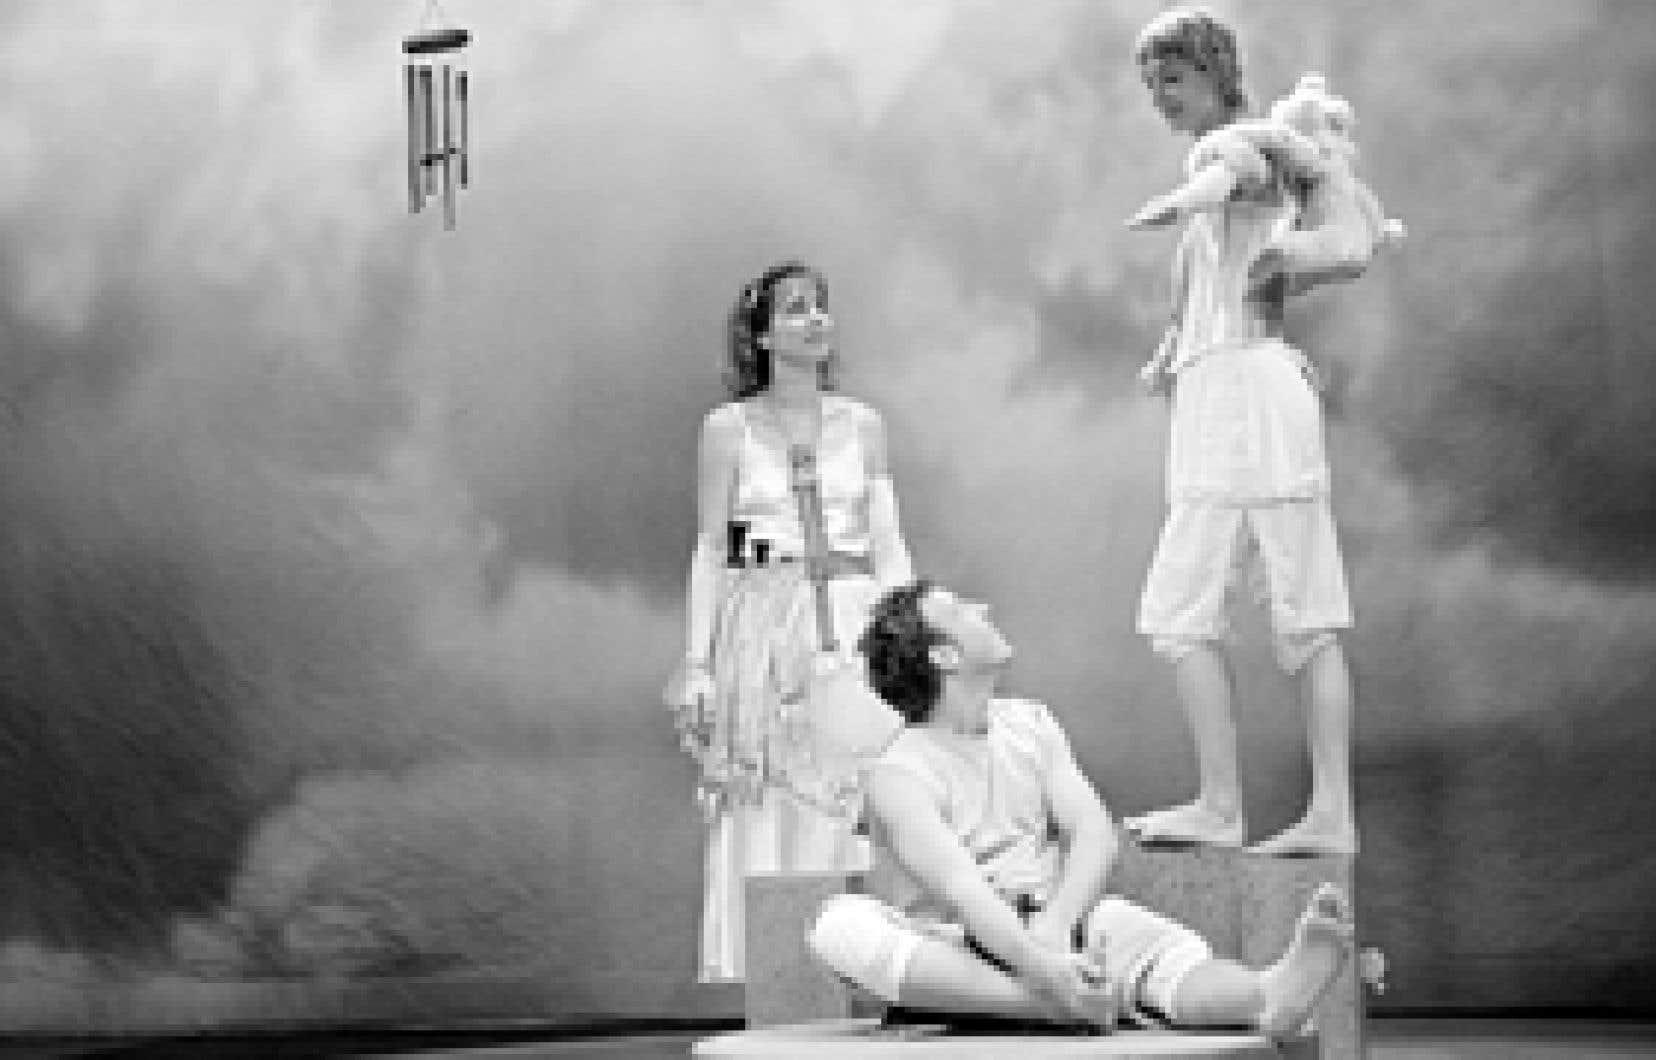 Glouglou, du Théâtre de Quartier, sera présenté au Théâtre d'Aujourd'hui, du 15 au 30 décembre 2008.